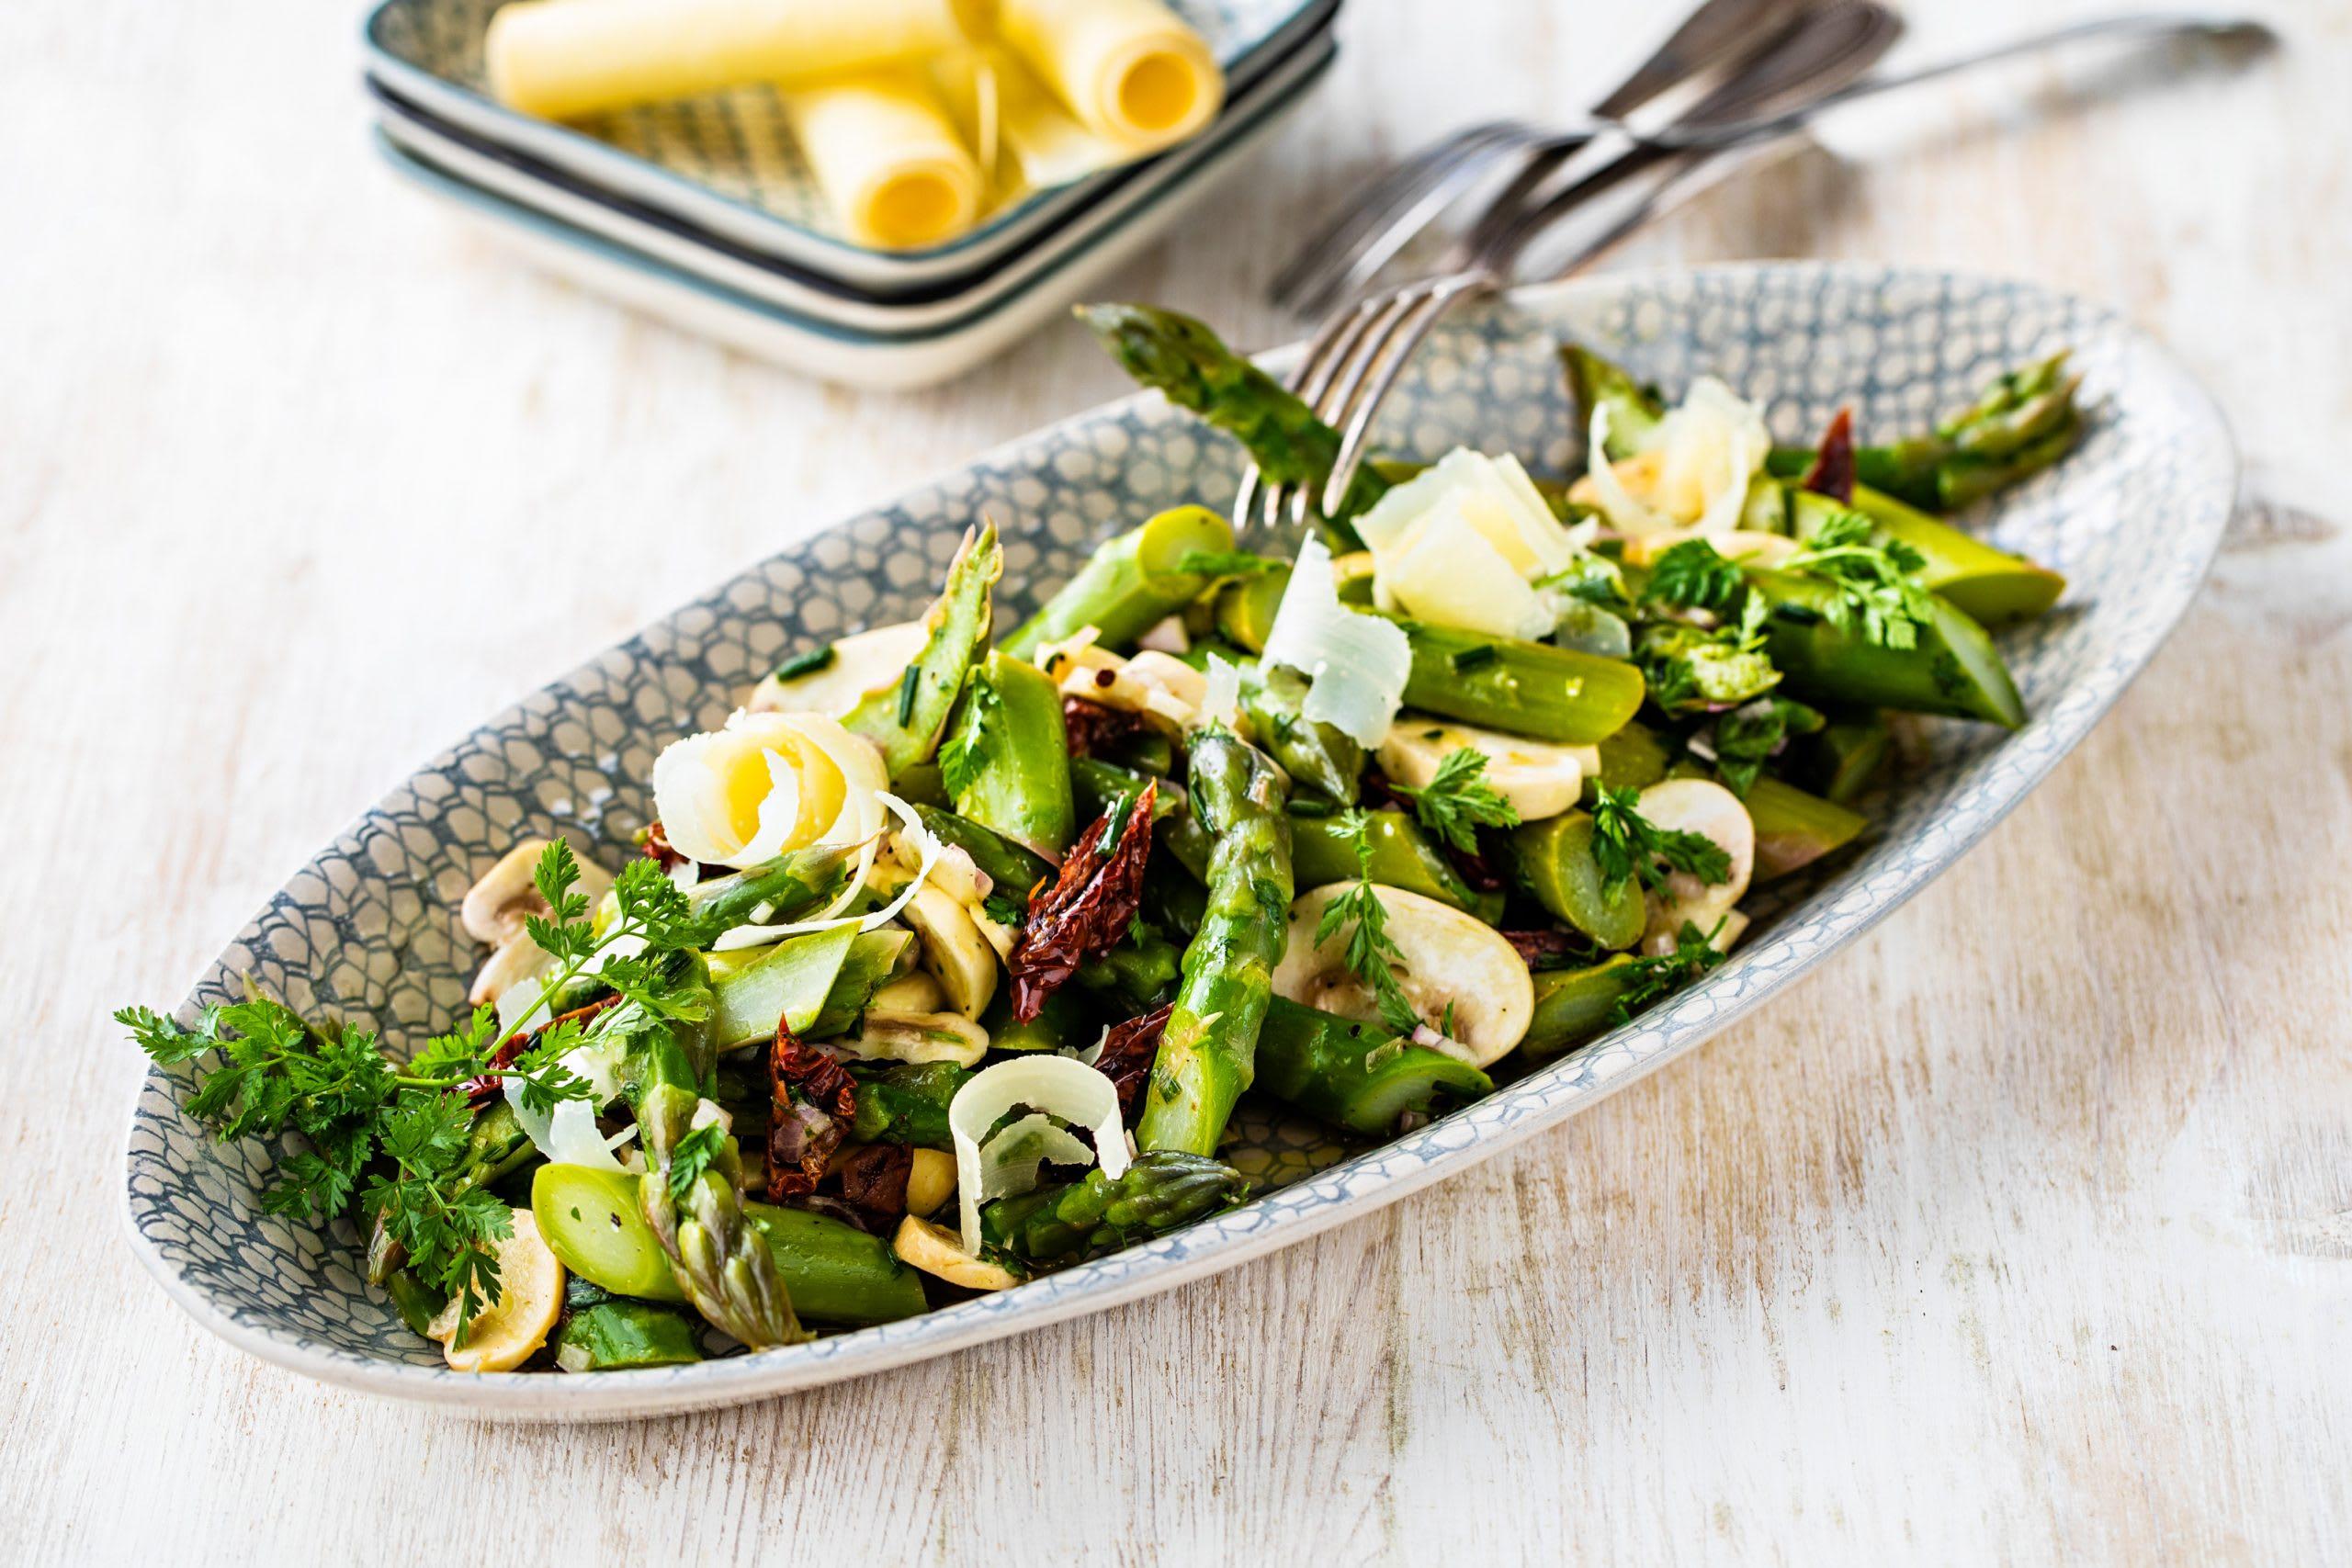 Salade d'asperges aux champignons et aux tomates séchées